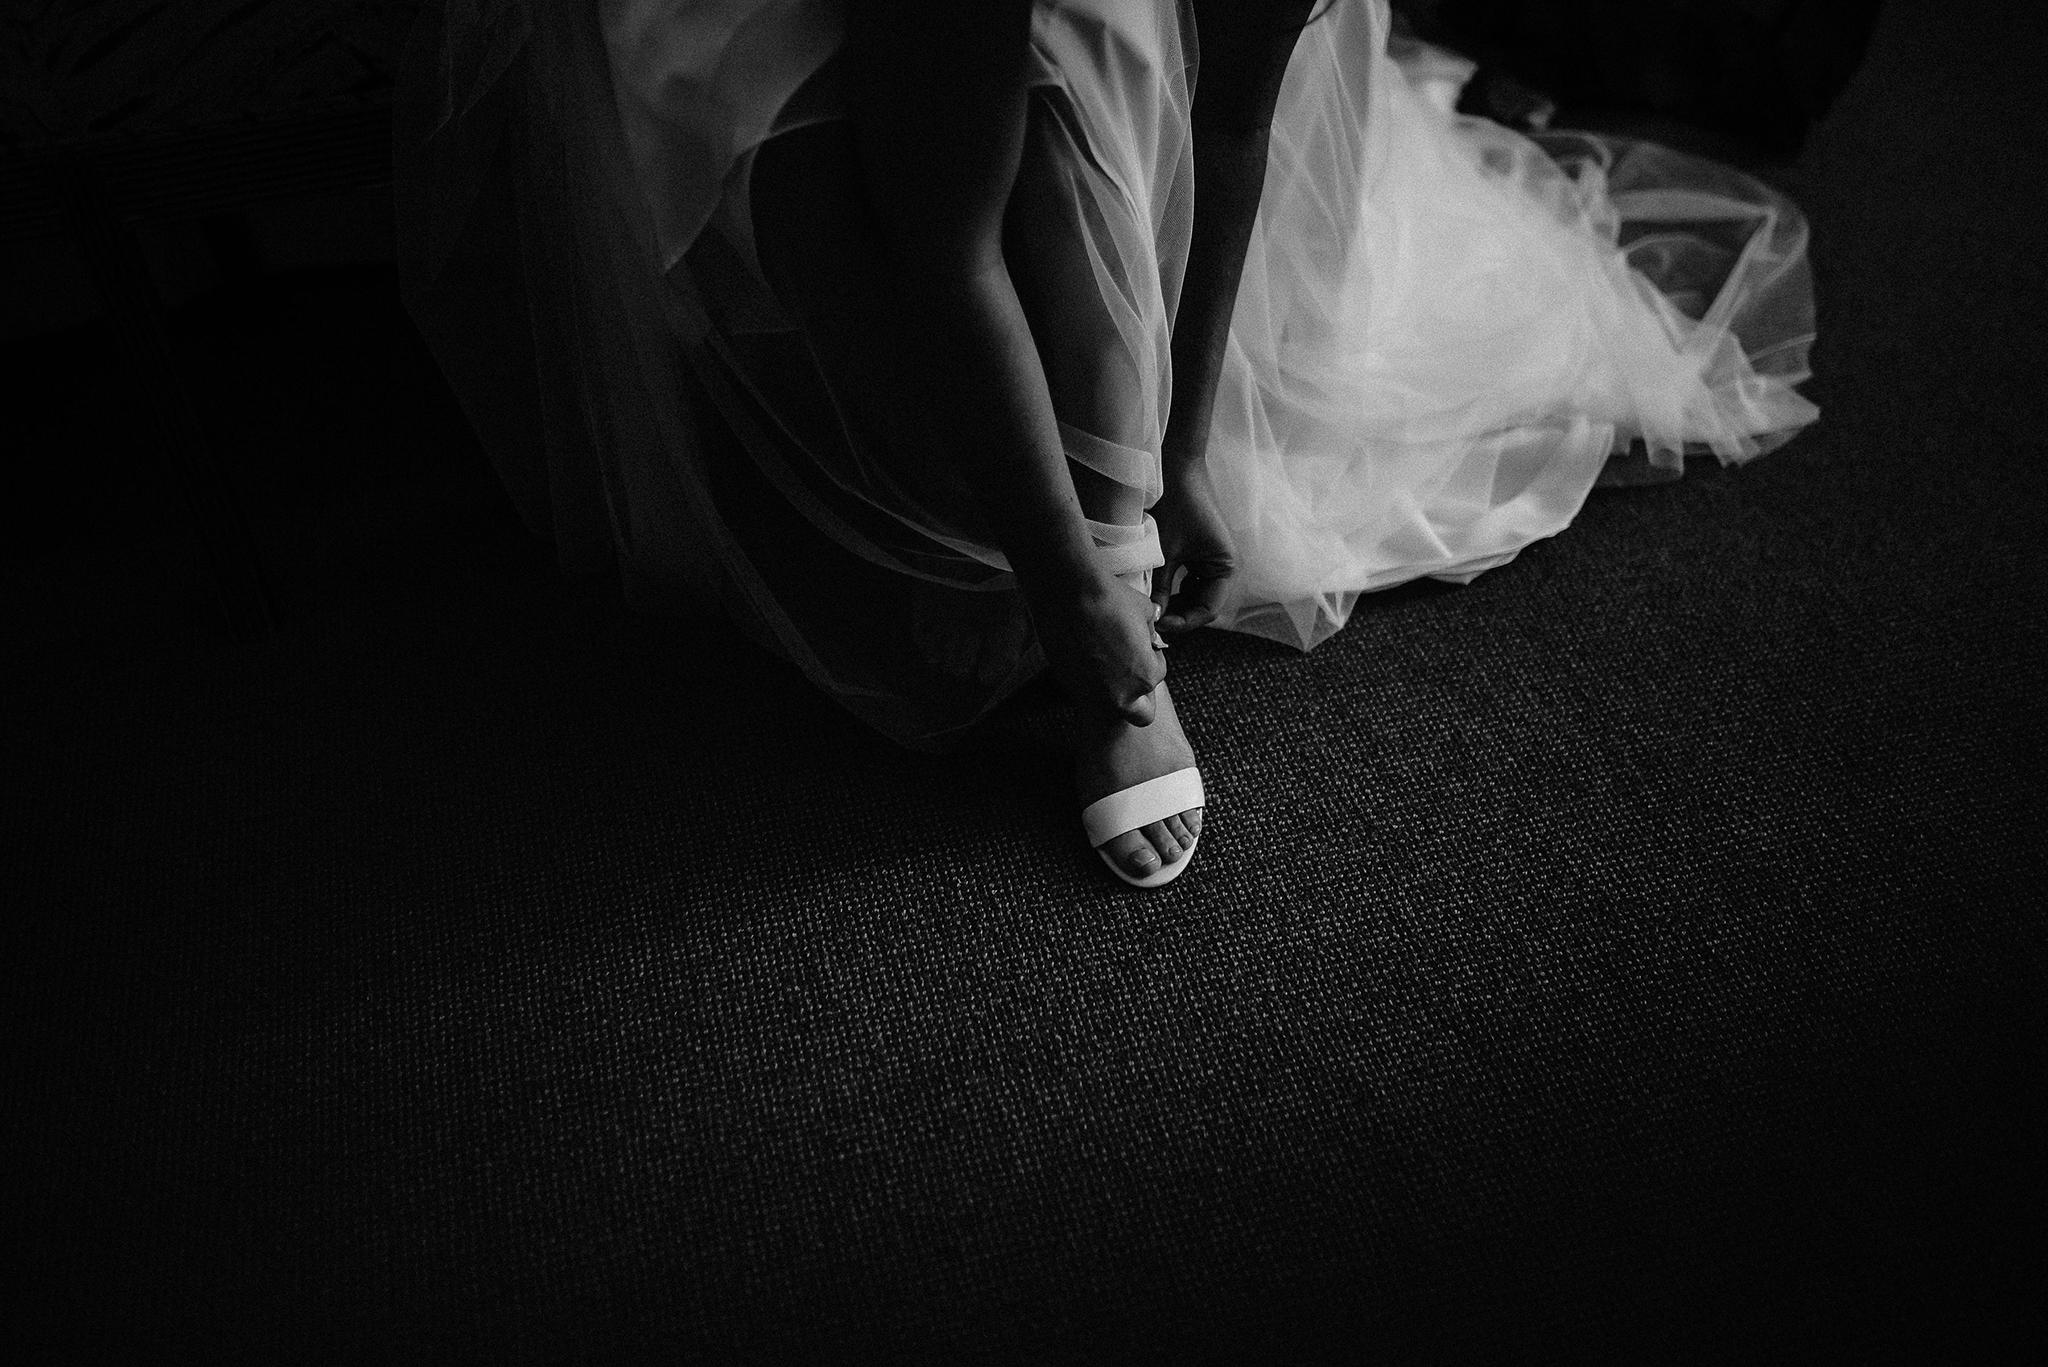 MECURE-RESORT-WEDDING-KING-943.jpg